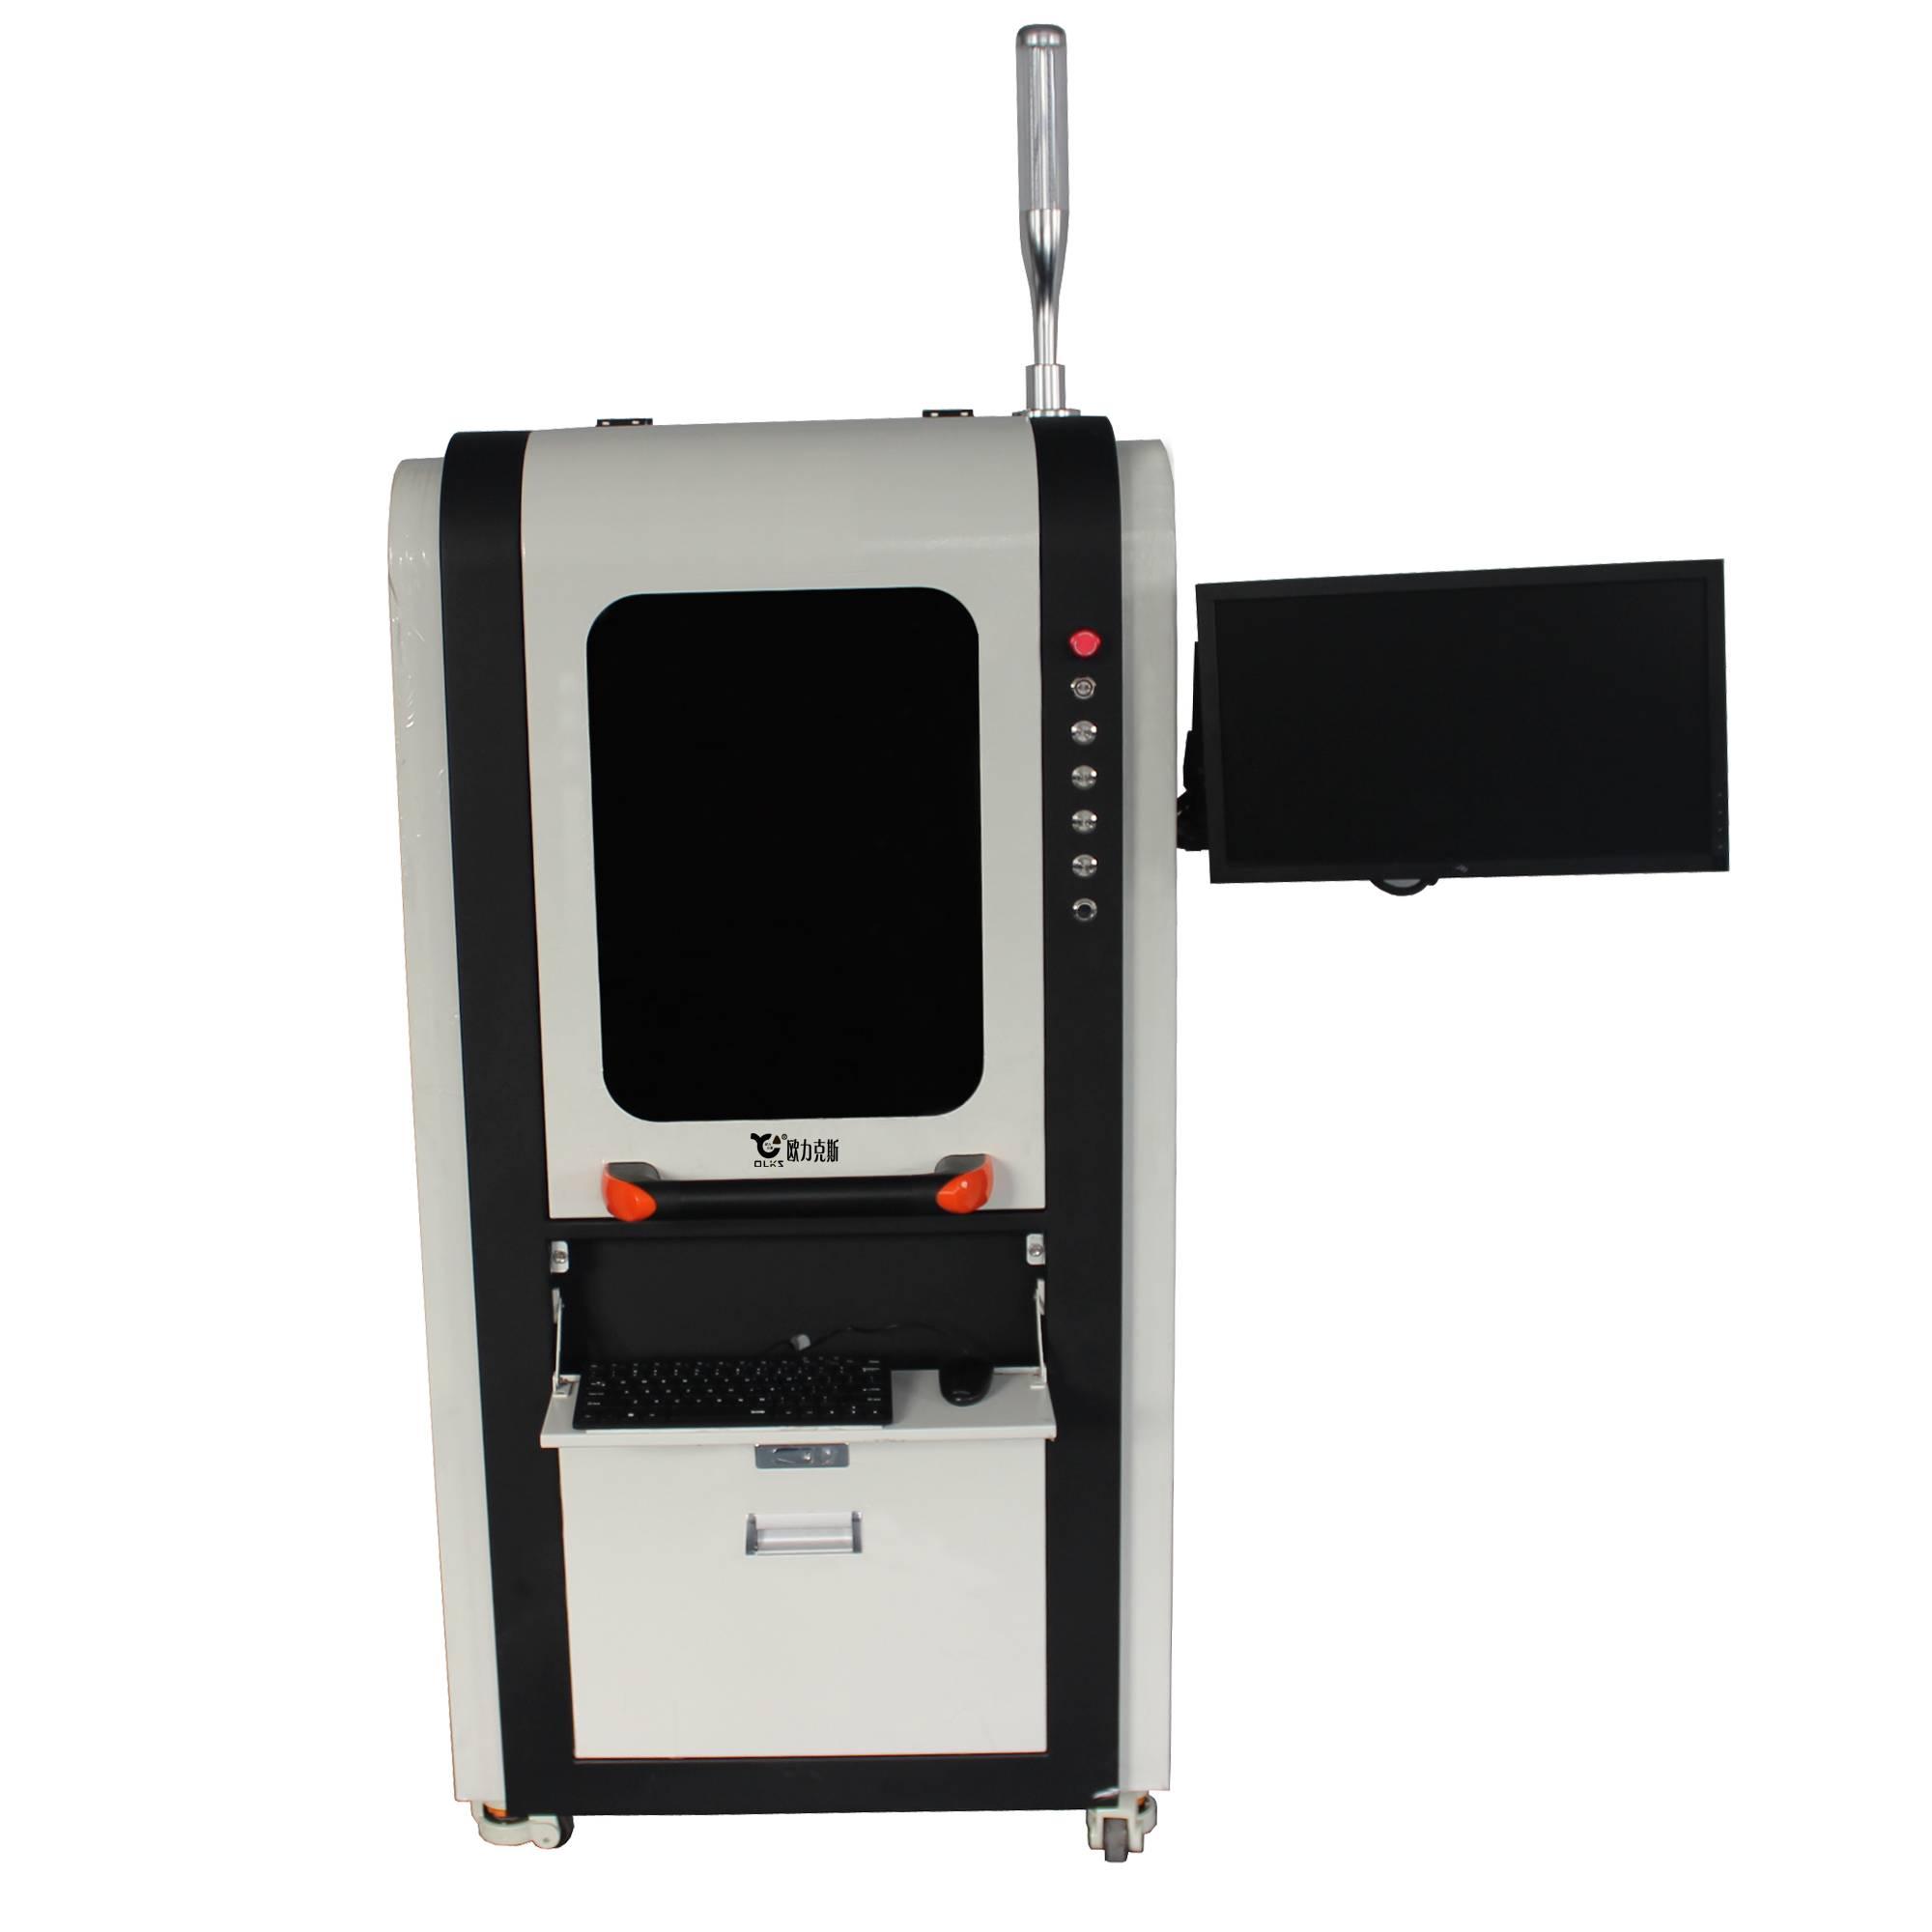 全自动shi觉点胶机多少钱一台呢?